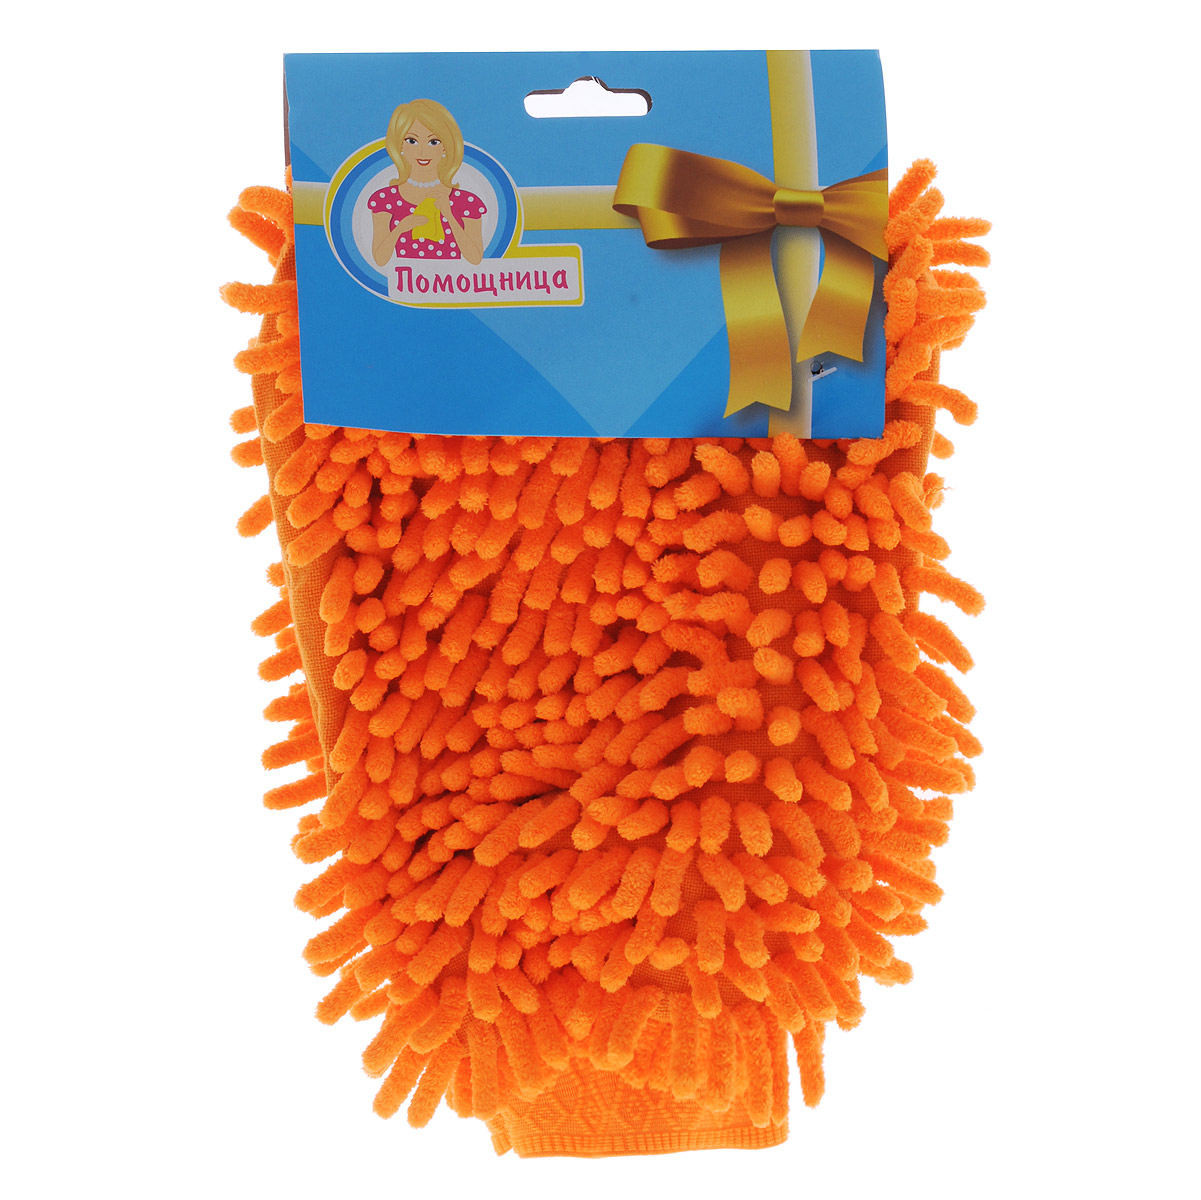 Рукавица для уборки Eva Спагетти, двусторонняя, цвет: оранжевый, 26 см х 19 смVCA-00Двусторонняя рукавица Eva Спагетти, изготовленная из микрофибры (полиэстера, полиамида), легко удаляет пыль, деликатно моет поверхности, мягко удаляет сильные загрязнения, применяется как в сухом, так и во влажном виде. Рукавица удобно держится на руке и великолепно впитывает воду. Идеально подходит для уборки, как в доме, так и в автомобиле.